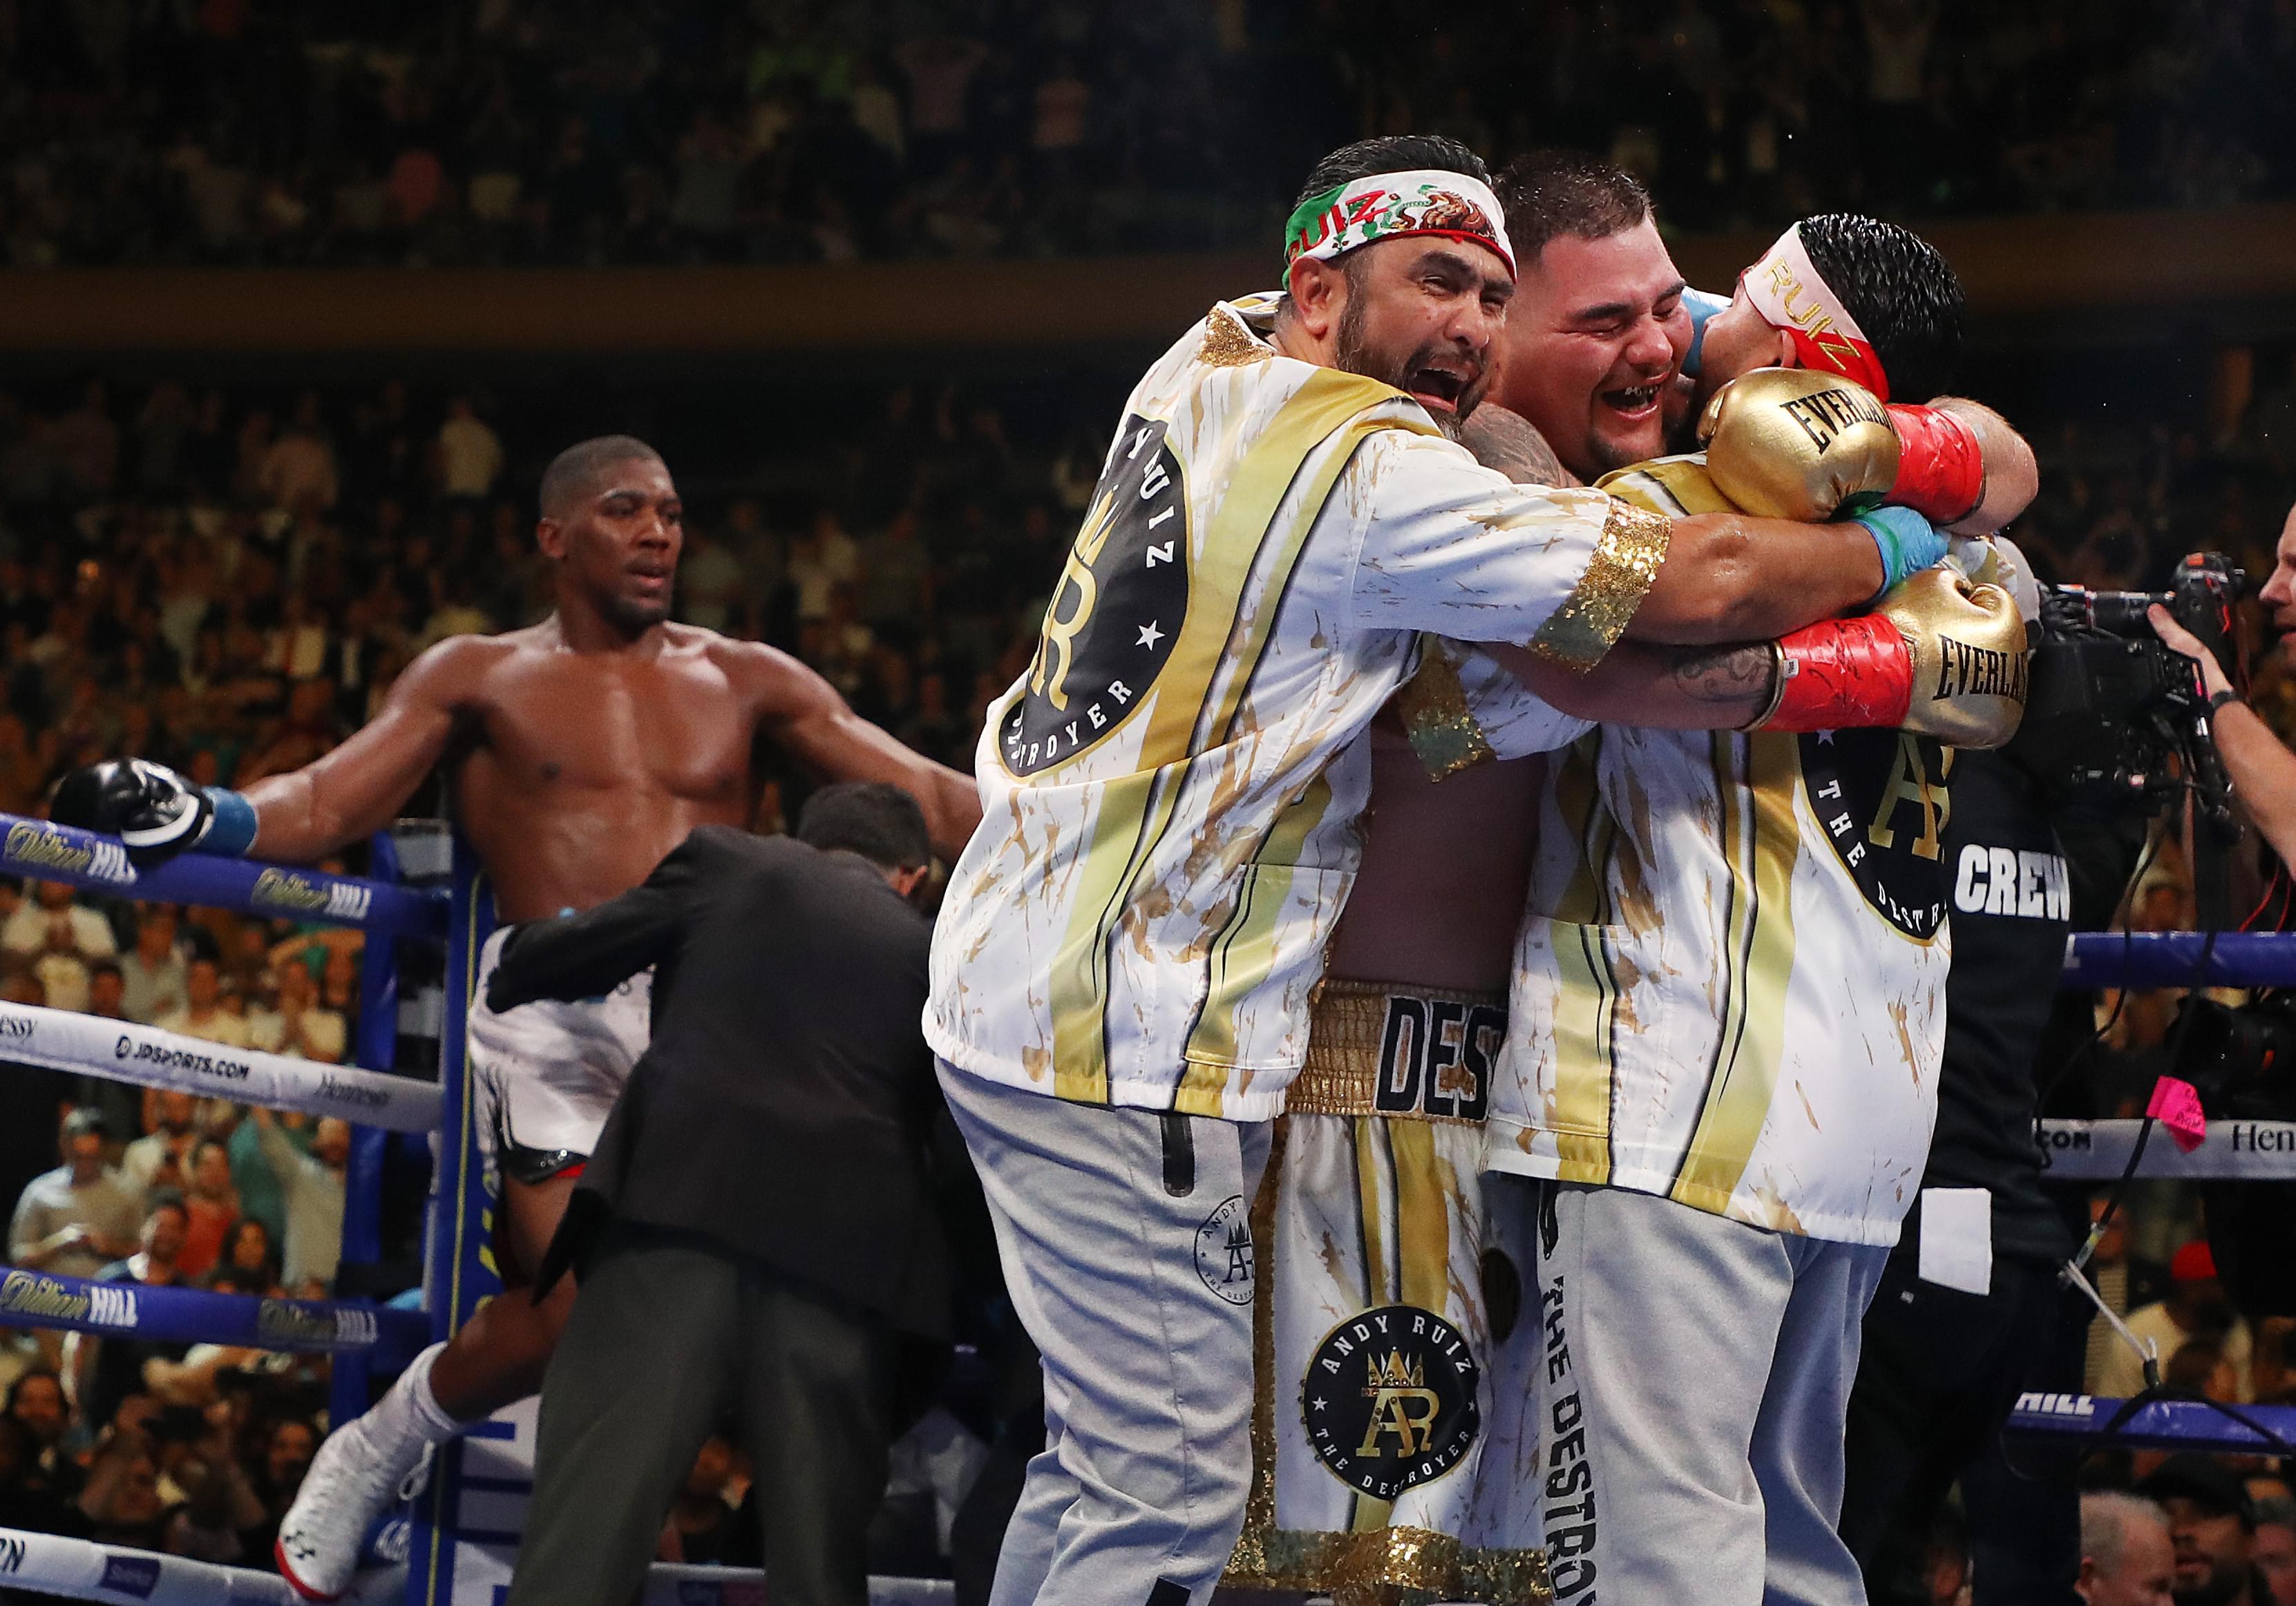 Andy Ruiz Jr. El Primer Campeón de Peso Pesado Mexicano